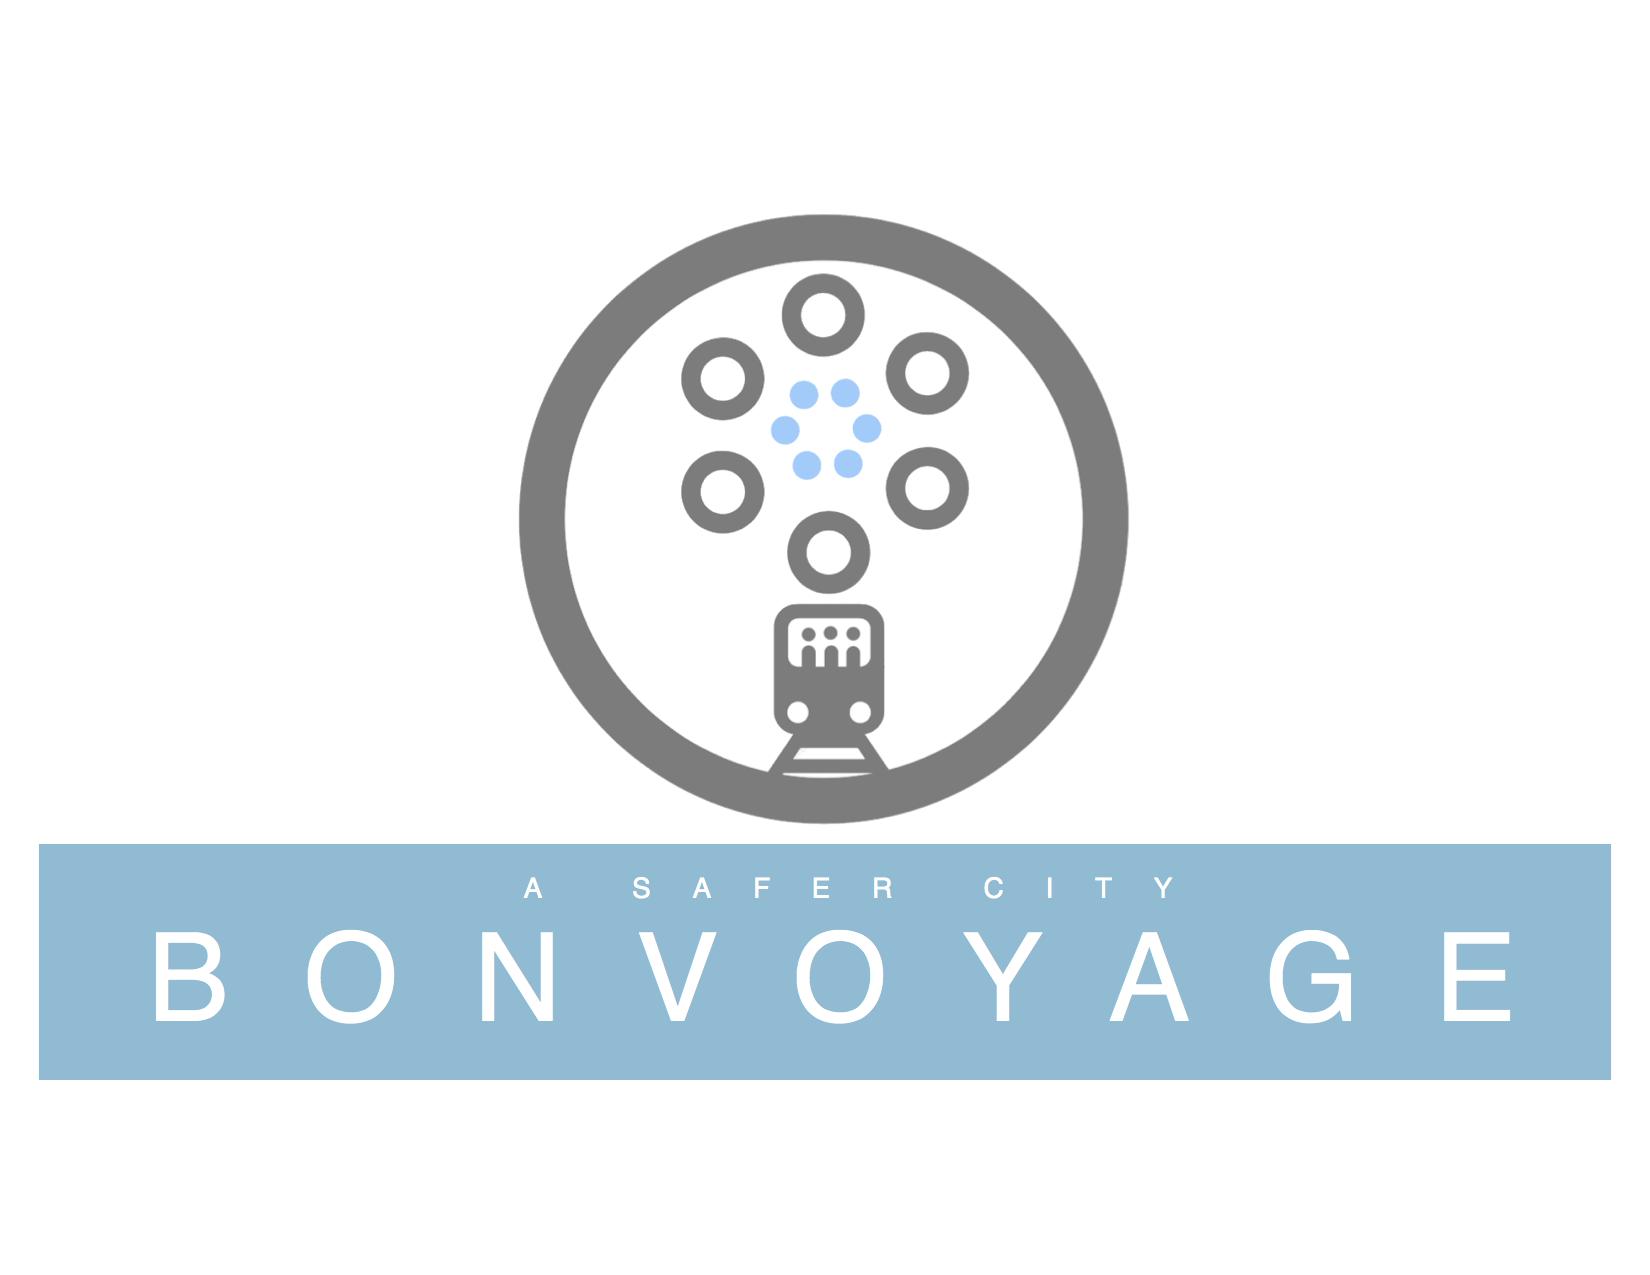 bonvoyage1.png